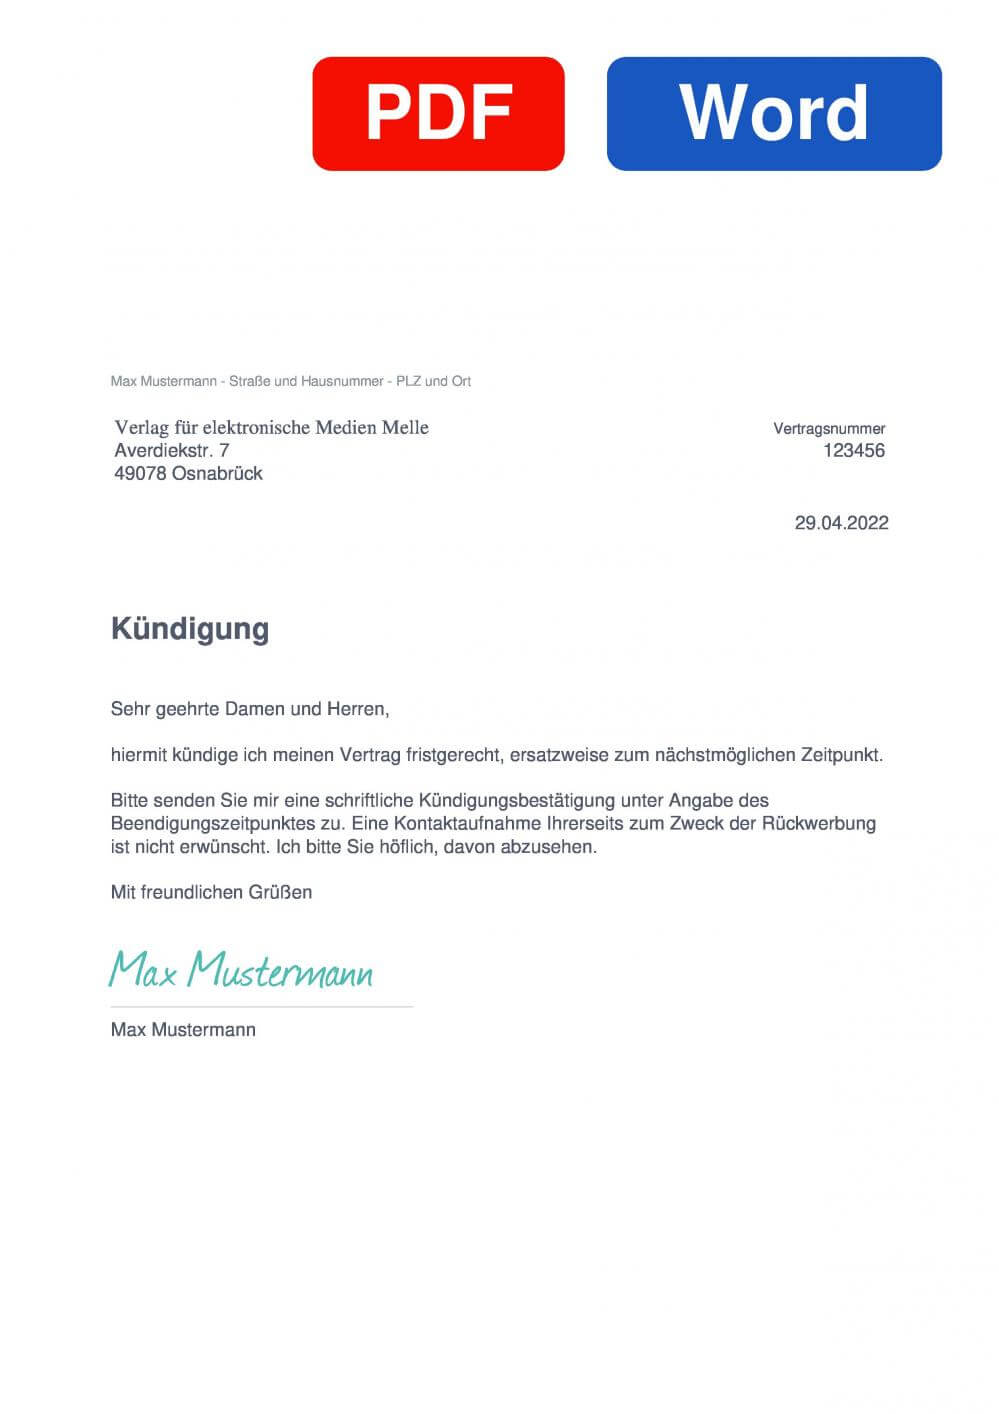 EBVZ Muster Vorlage für Kündigungsschreiben